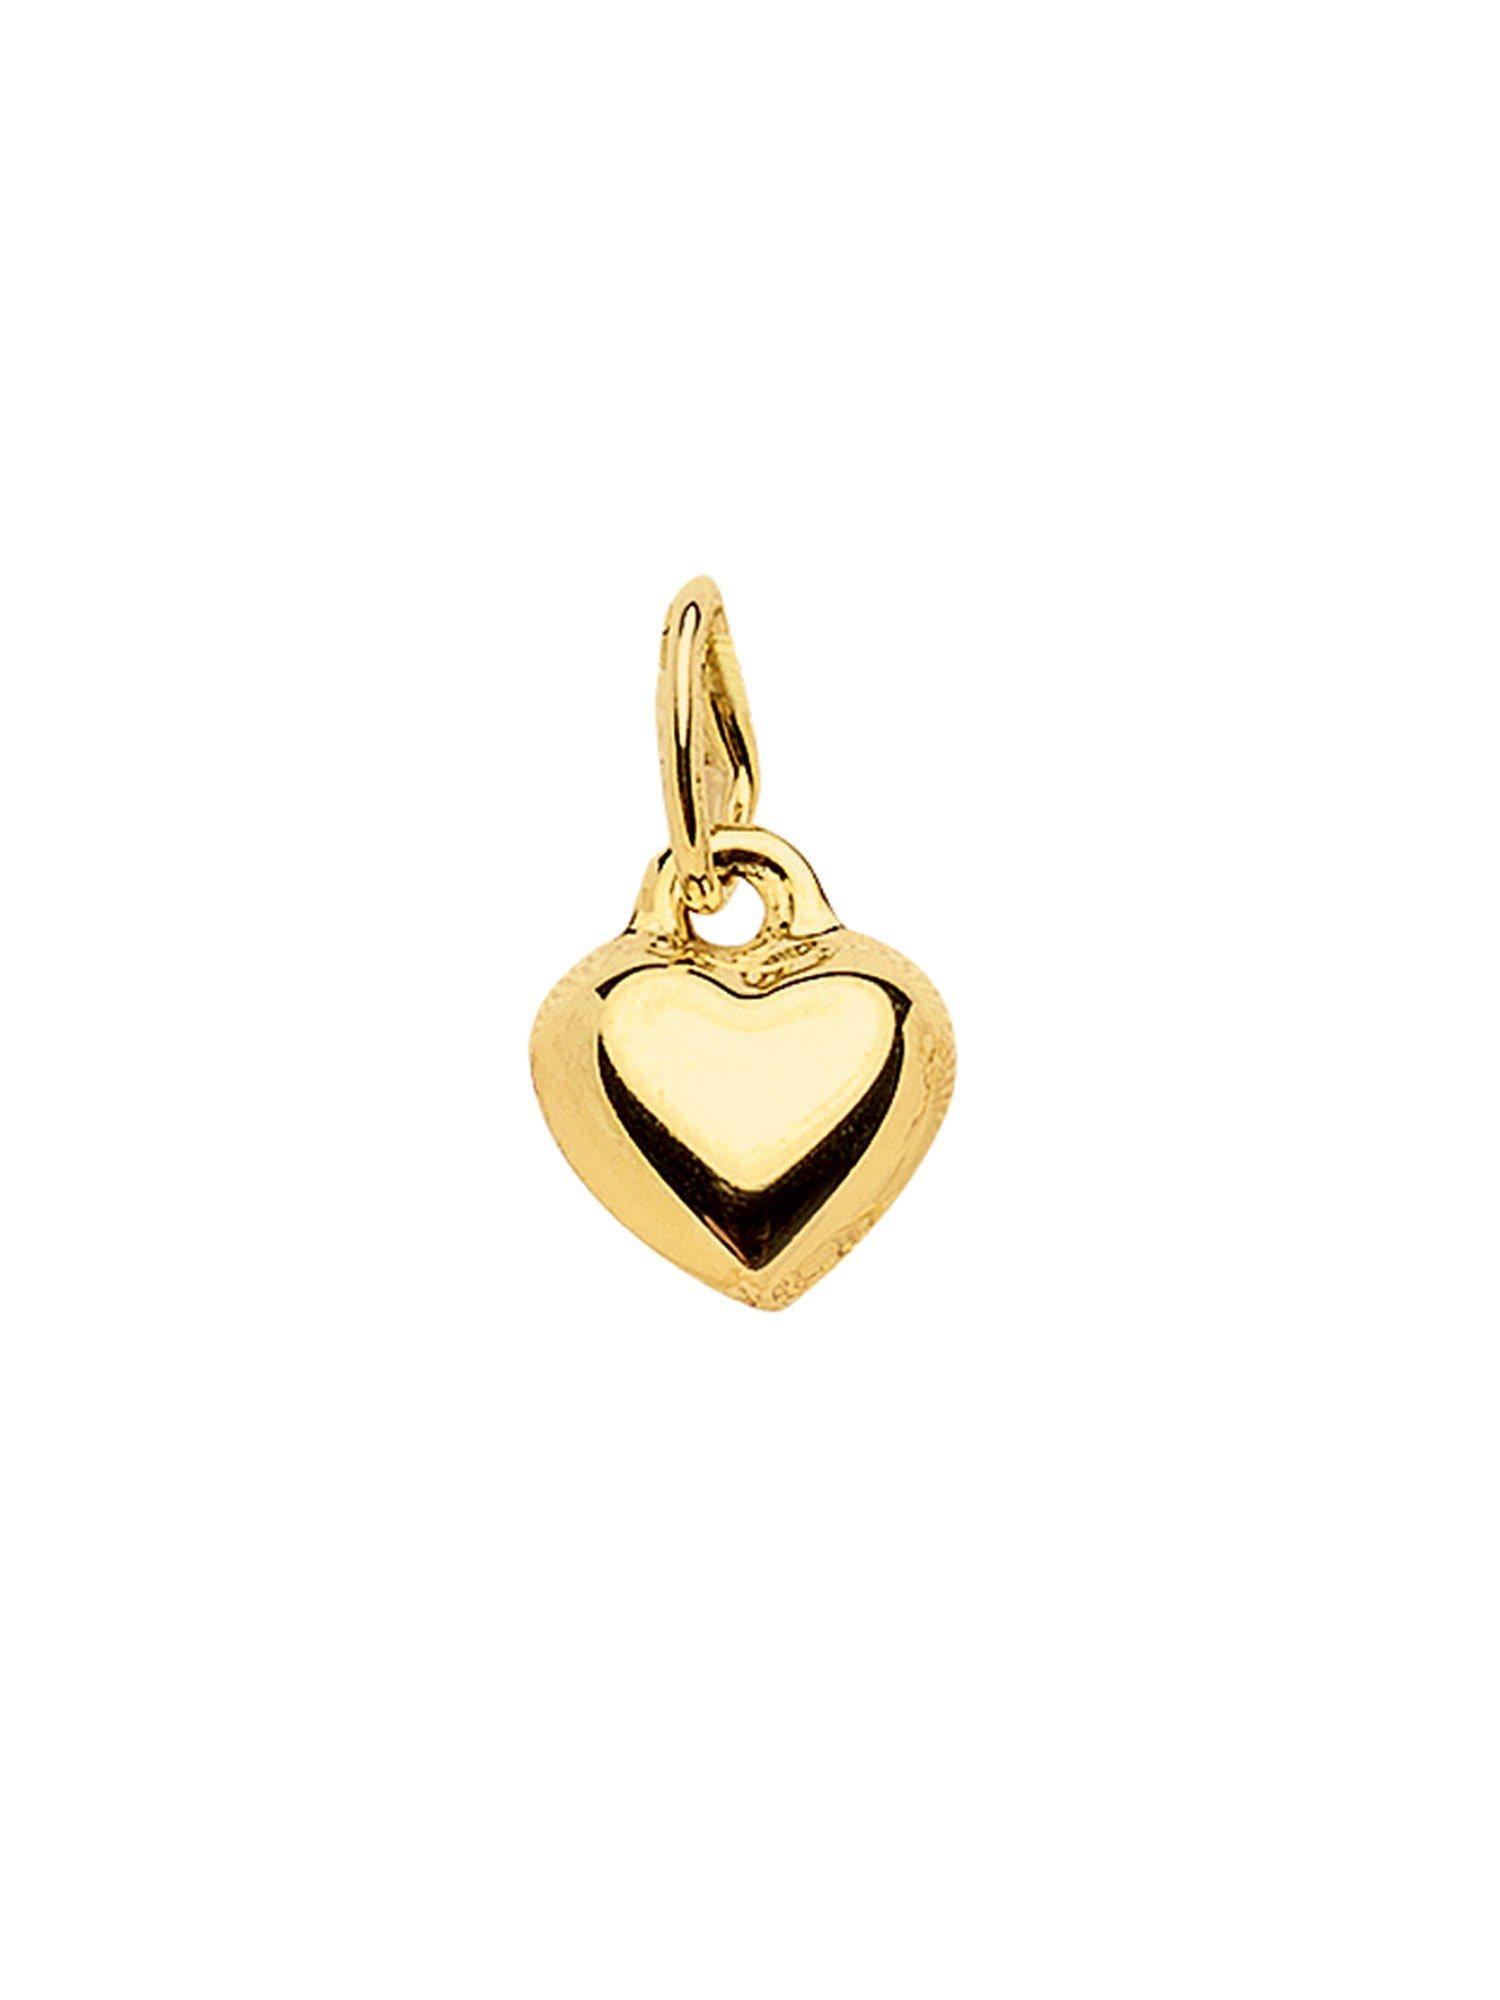 Adelia´s Kettenanhänger »Gold Anhänger« Herz 8 k 333 Gelbgold | Schmuck > Halsketten > Ketten ohne Anhänger | Goldfarben | Adelia´s